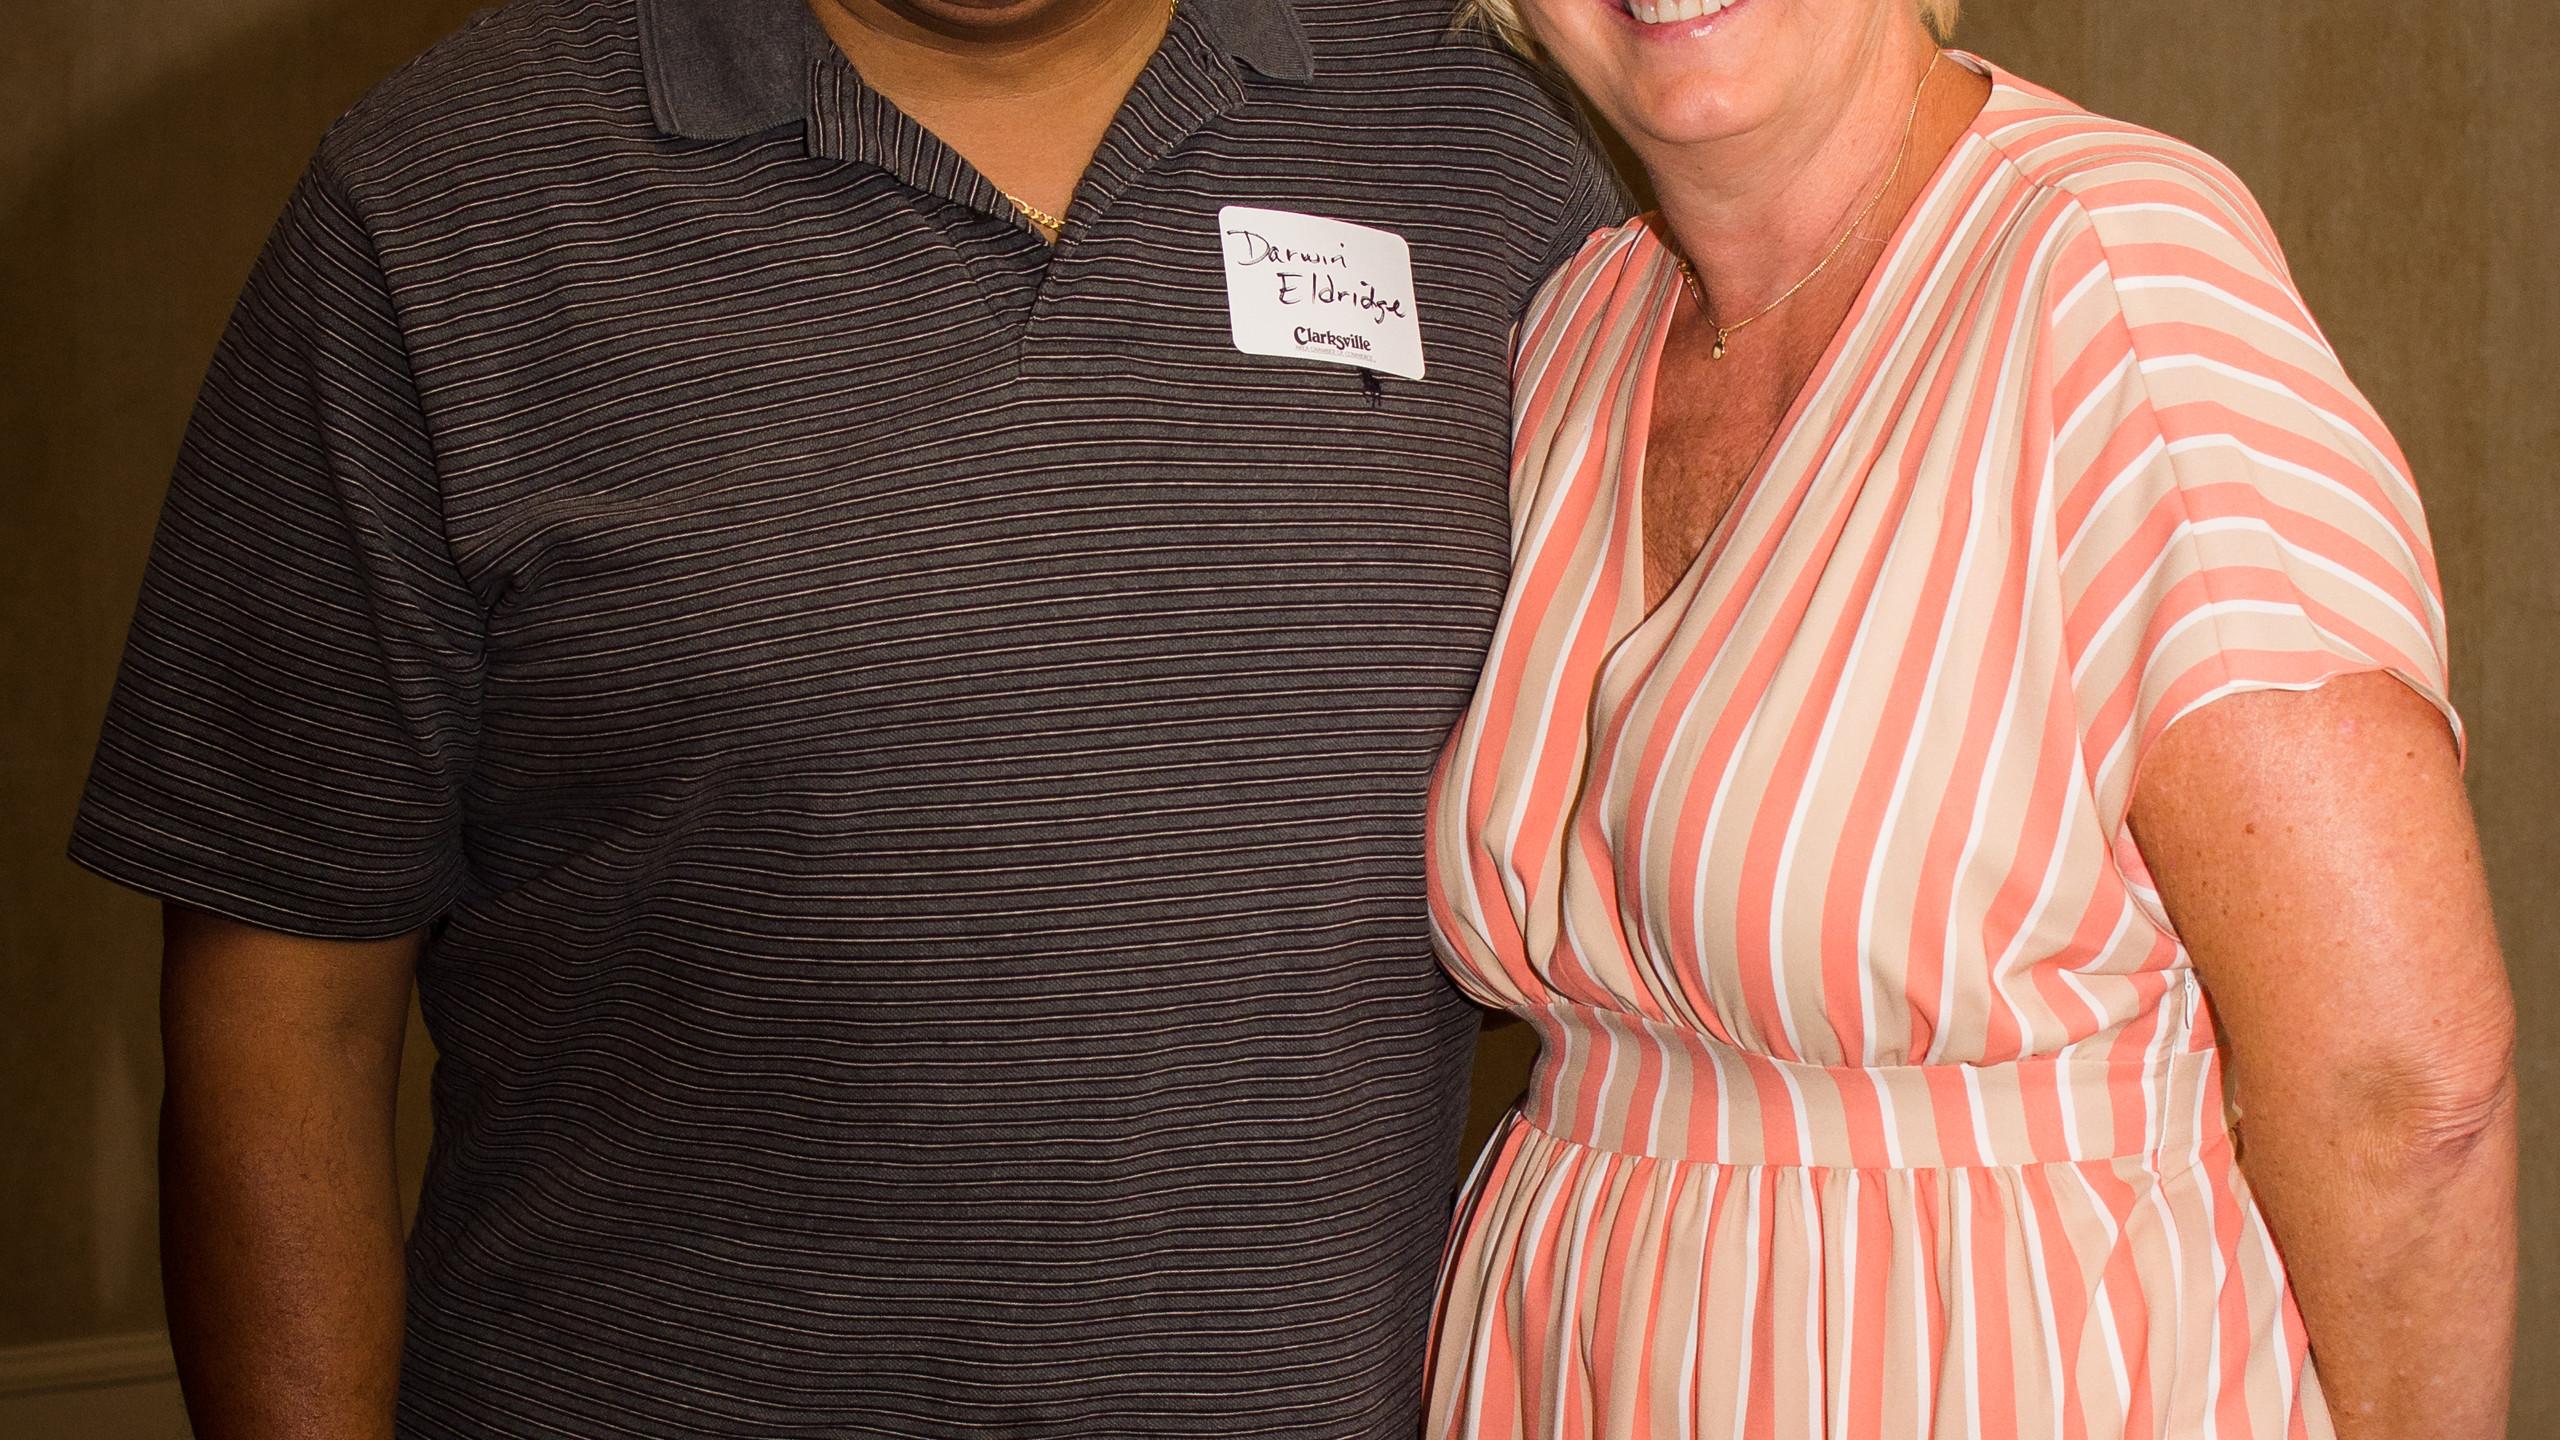 Darwin Eldridge and Melinda Shepard